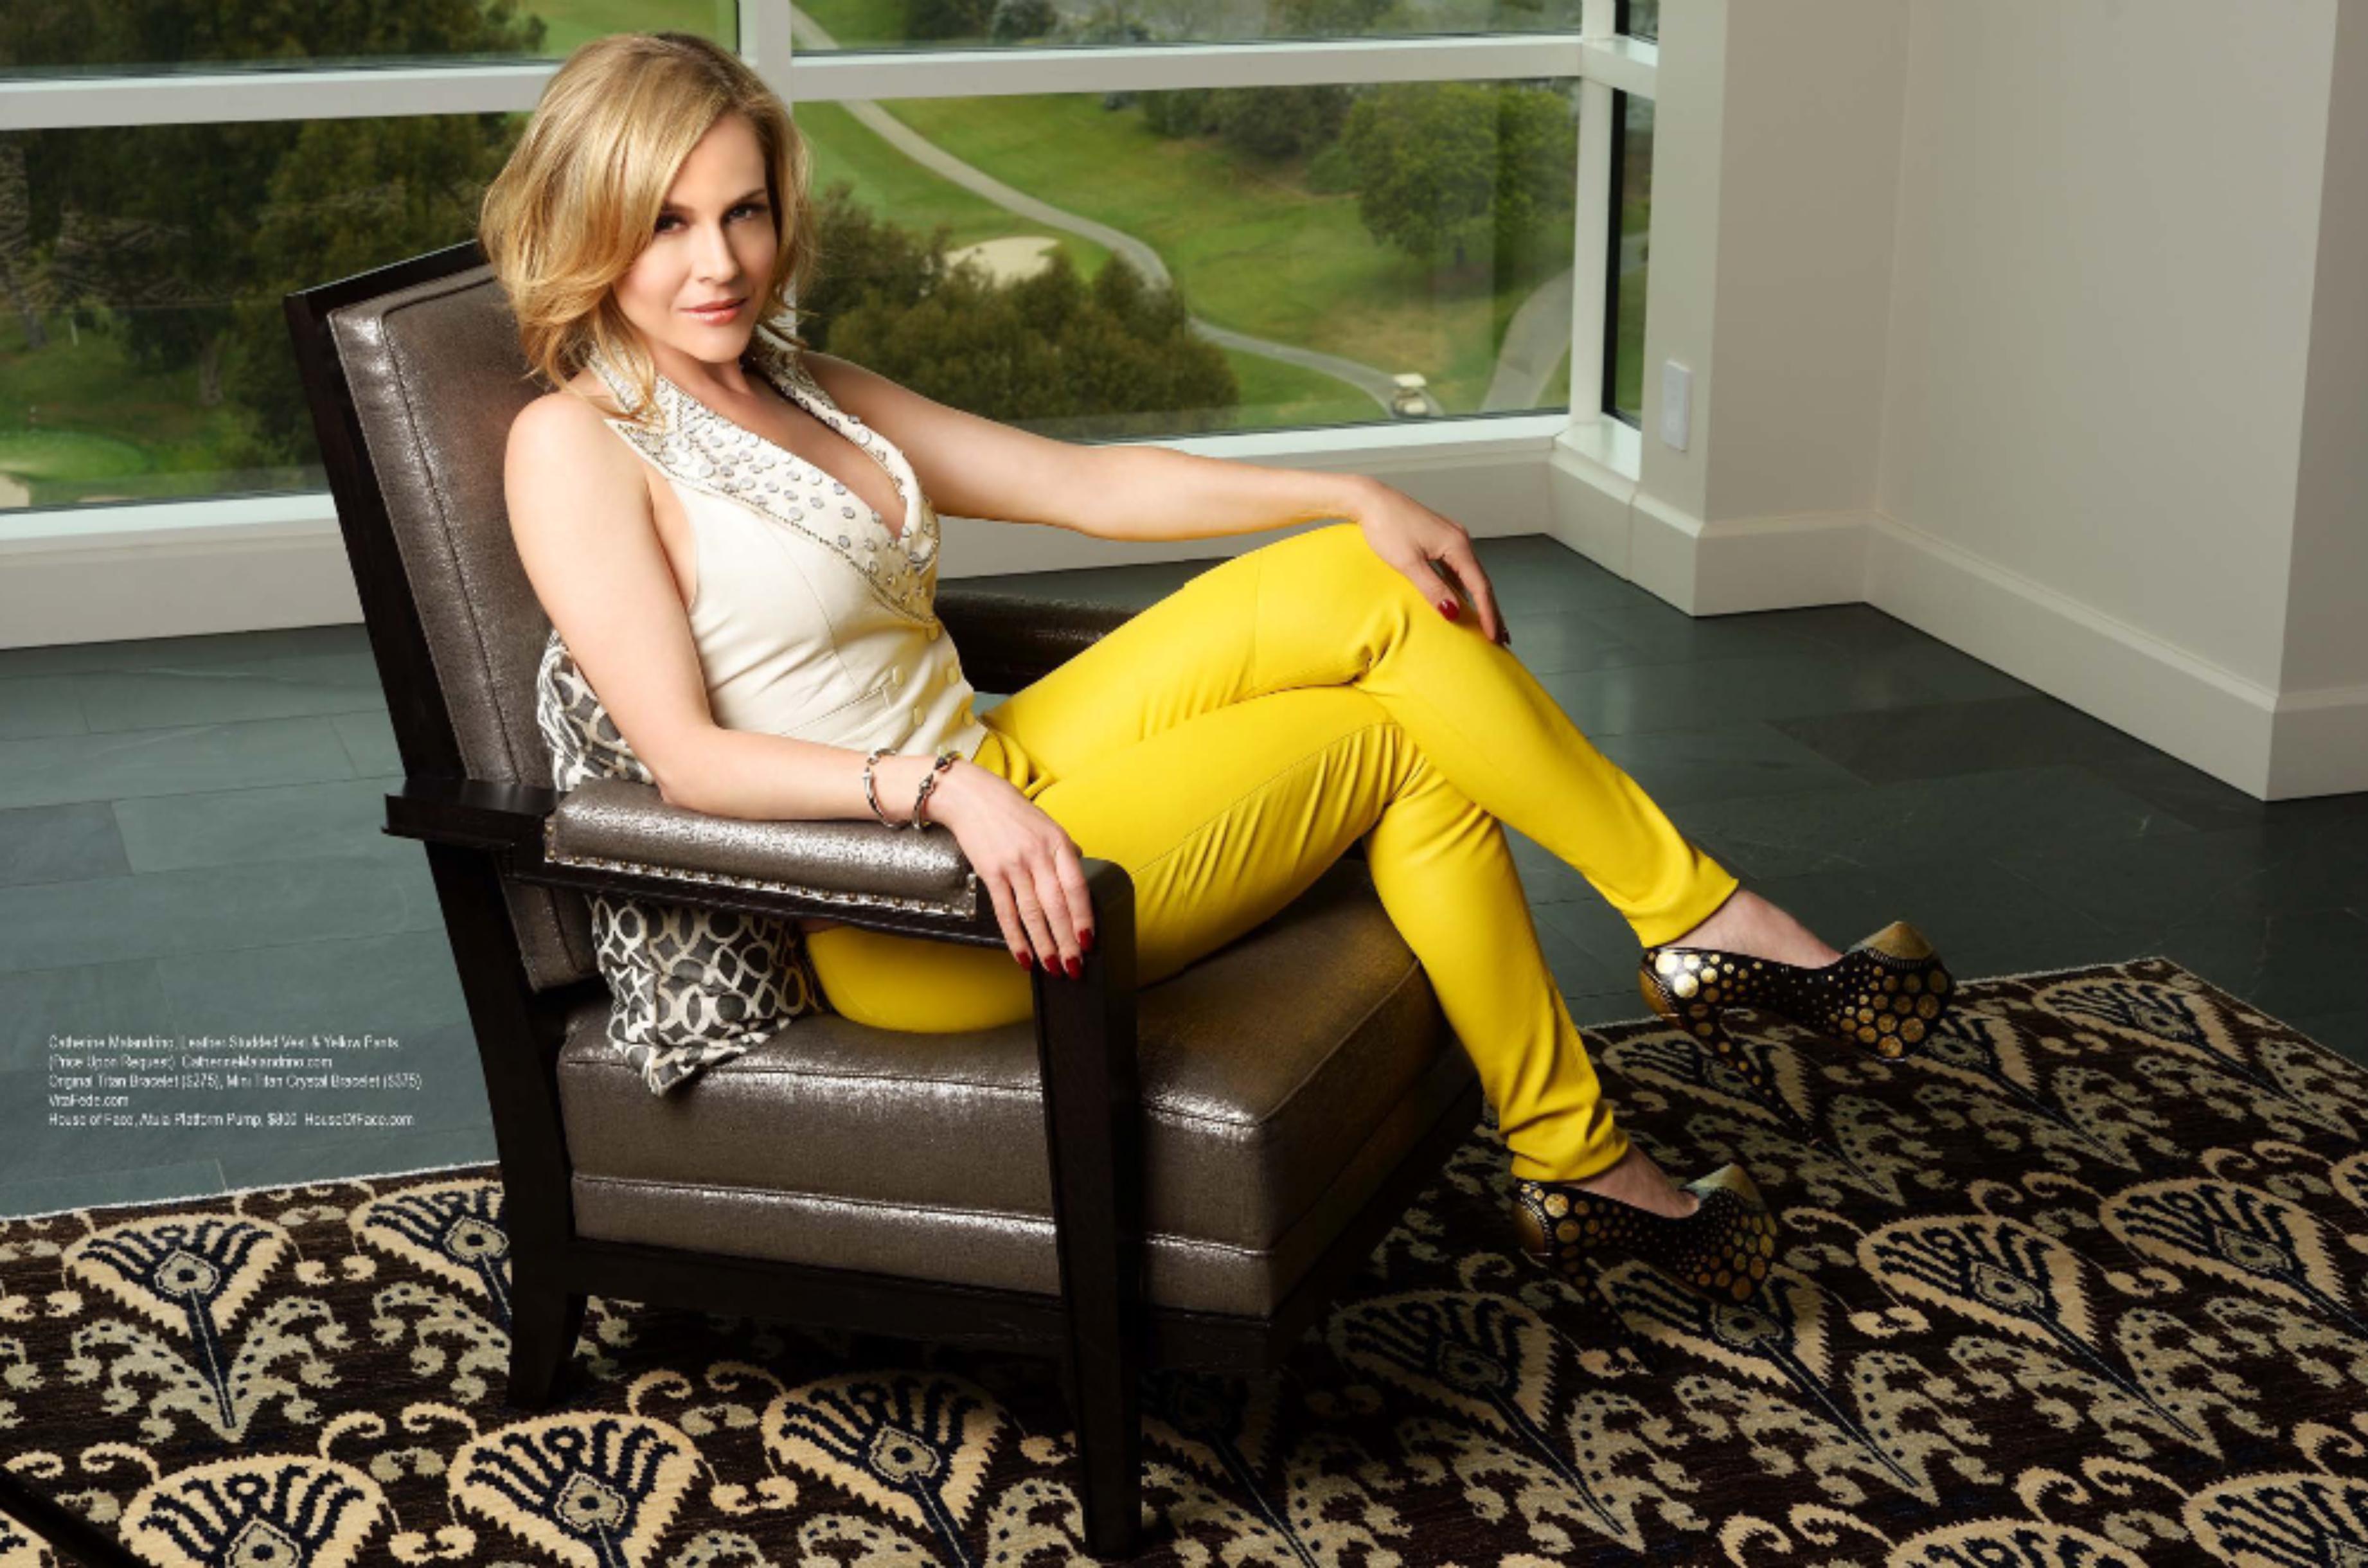 Celebrities in Skinny Jeans and High Heels | Eva Longoria ...